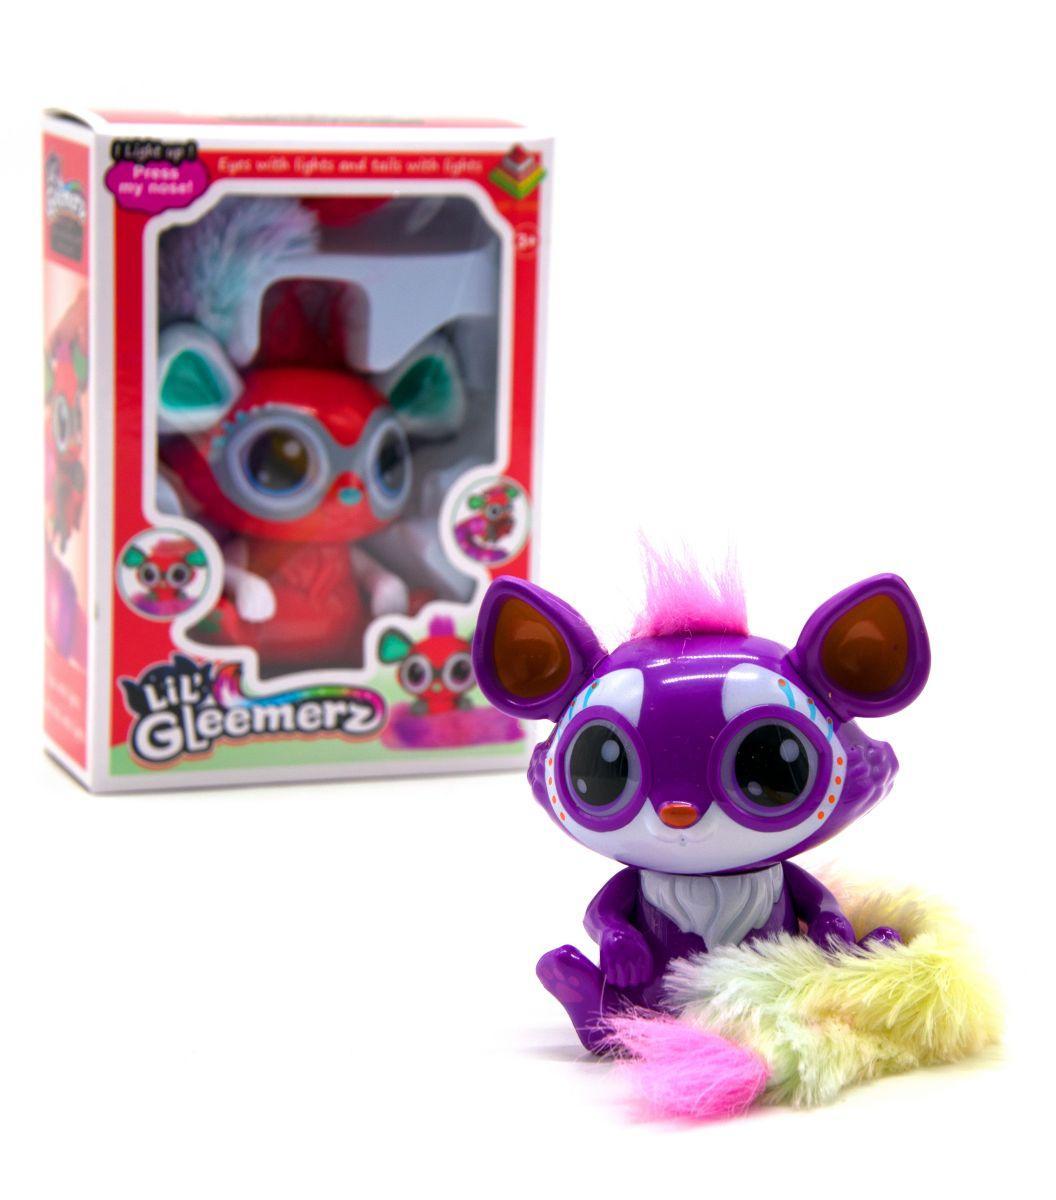 Интерактивный питомец Lil´ Gleemerz (фиолетовый)